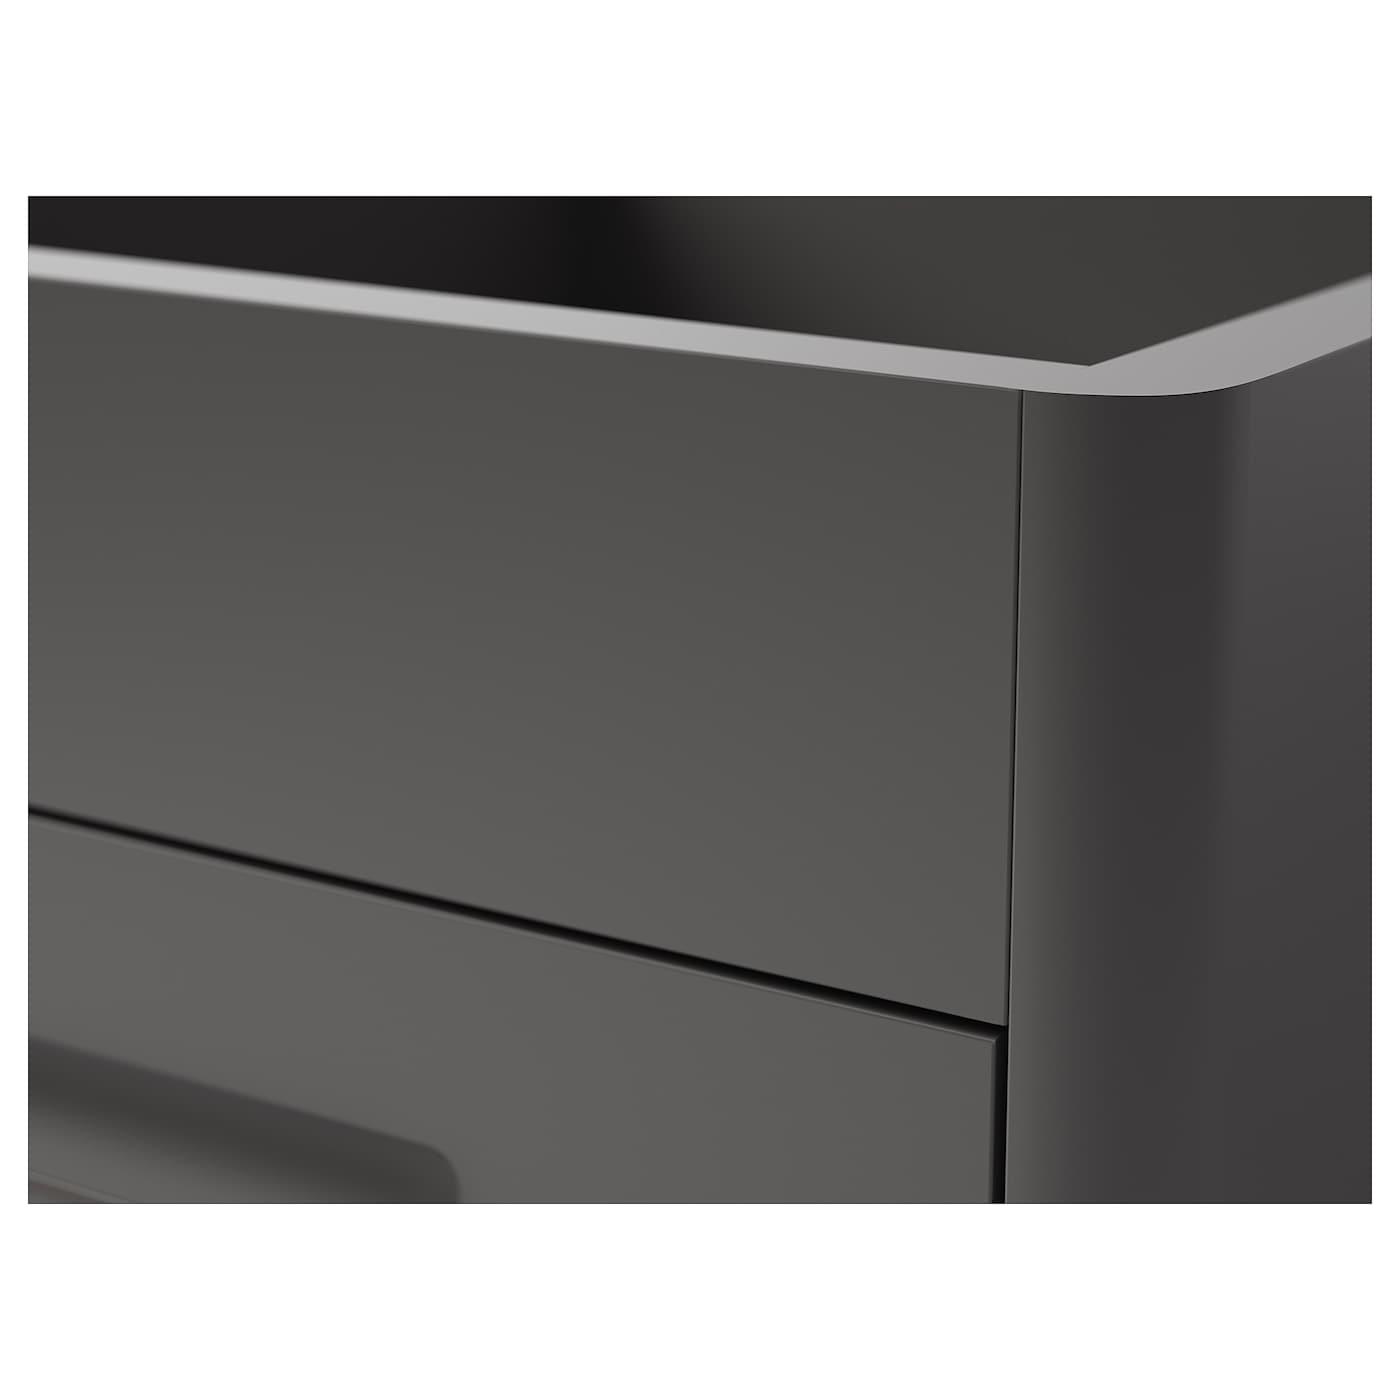 Uitgelezene IDÅSEN Ladeblok met smart lock - donkergrijs - IKEA ZS-69